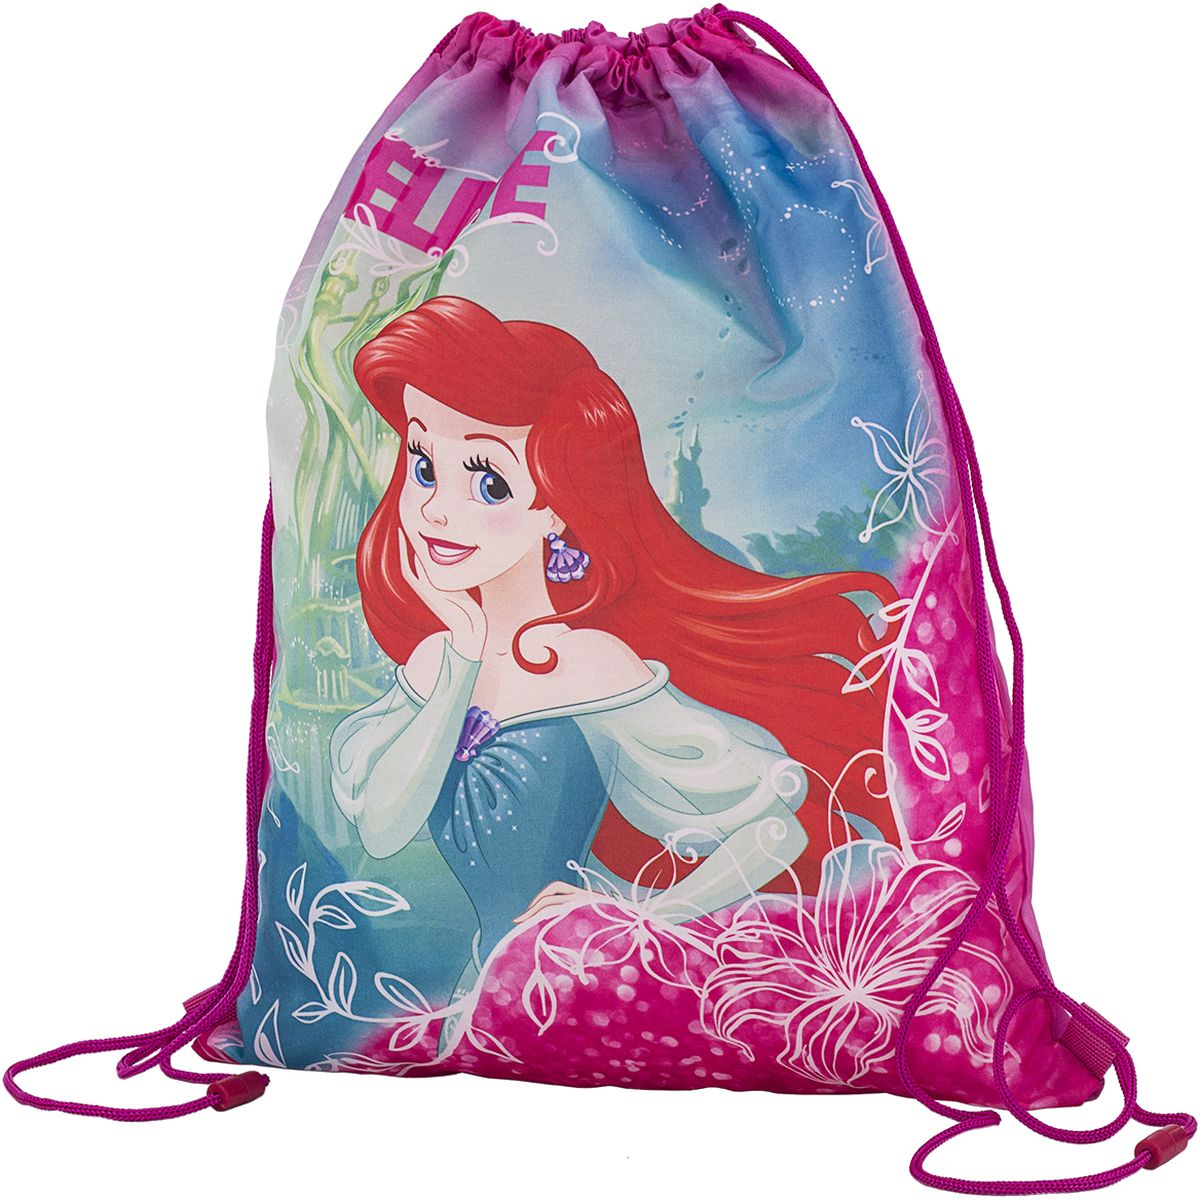 Disney Princess Сумка для сменной обуви Ариэль disney princess мешок для обуви disney princess